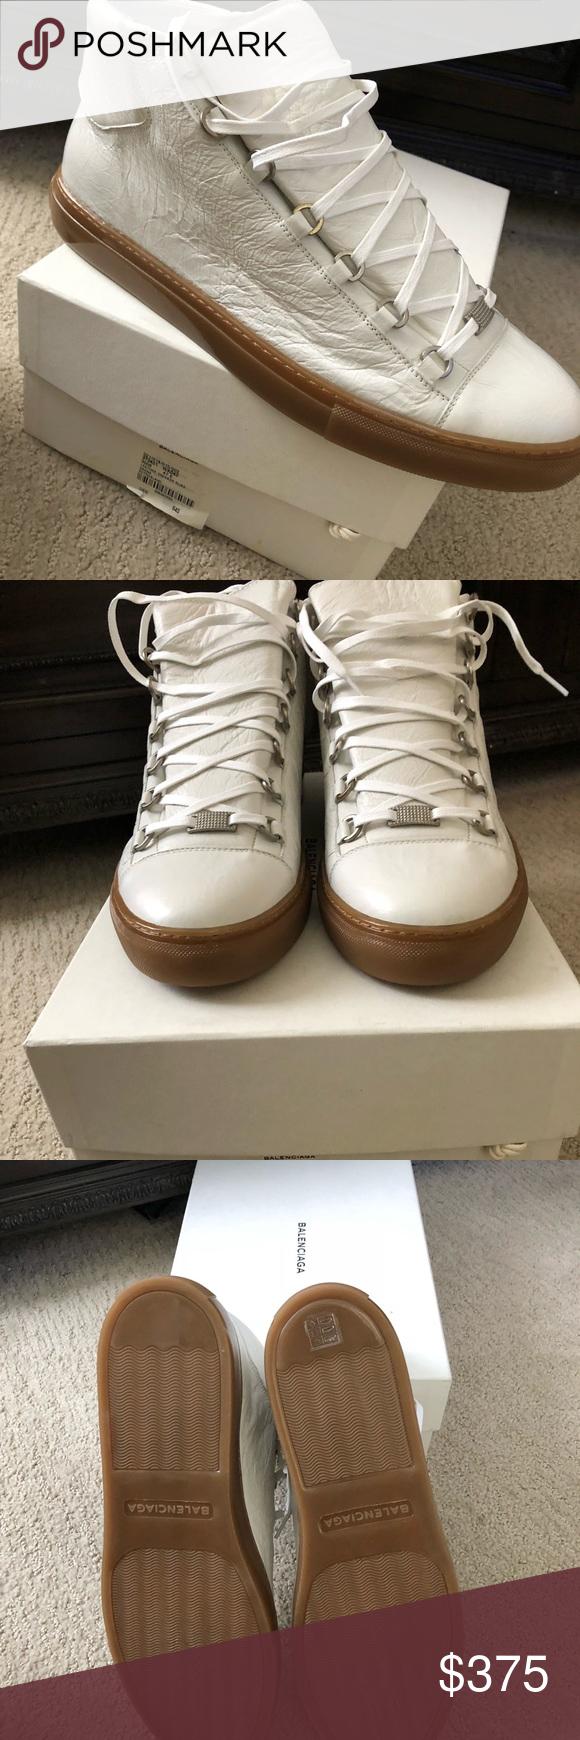 Balenciaga shoes, Balenciaga arena